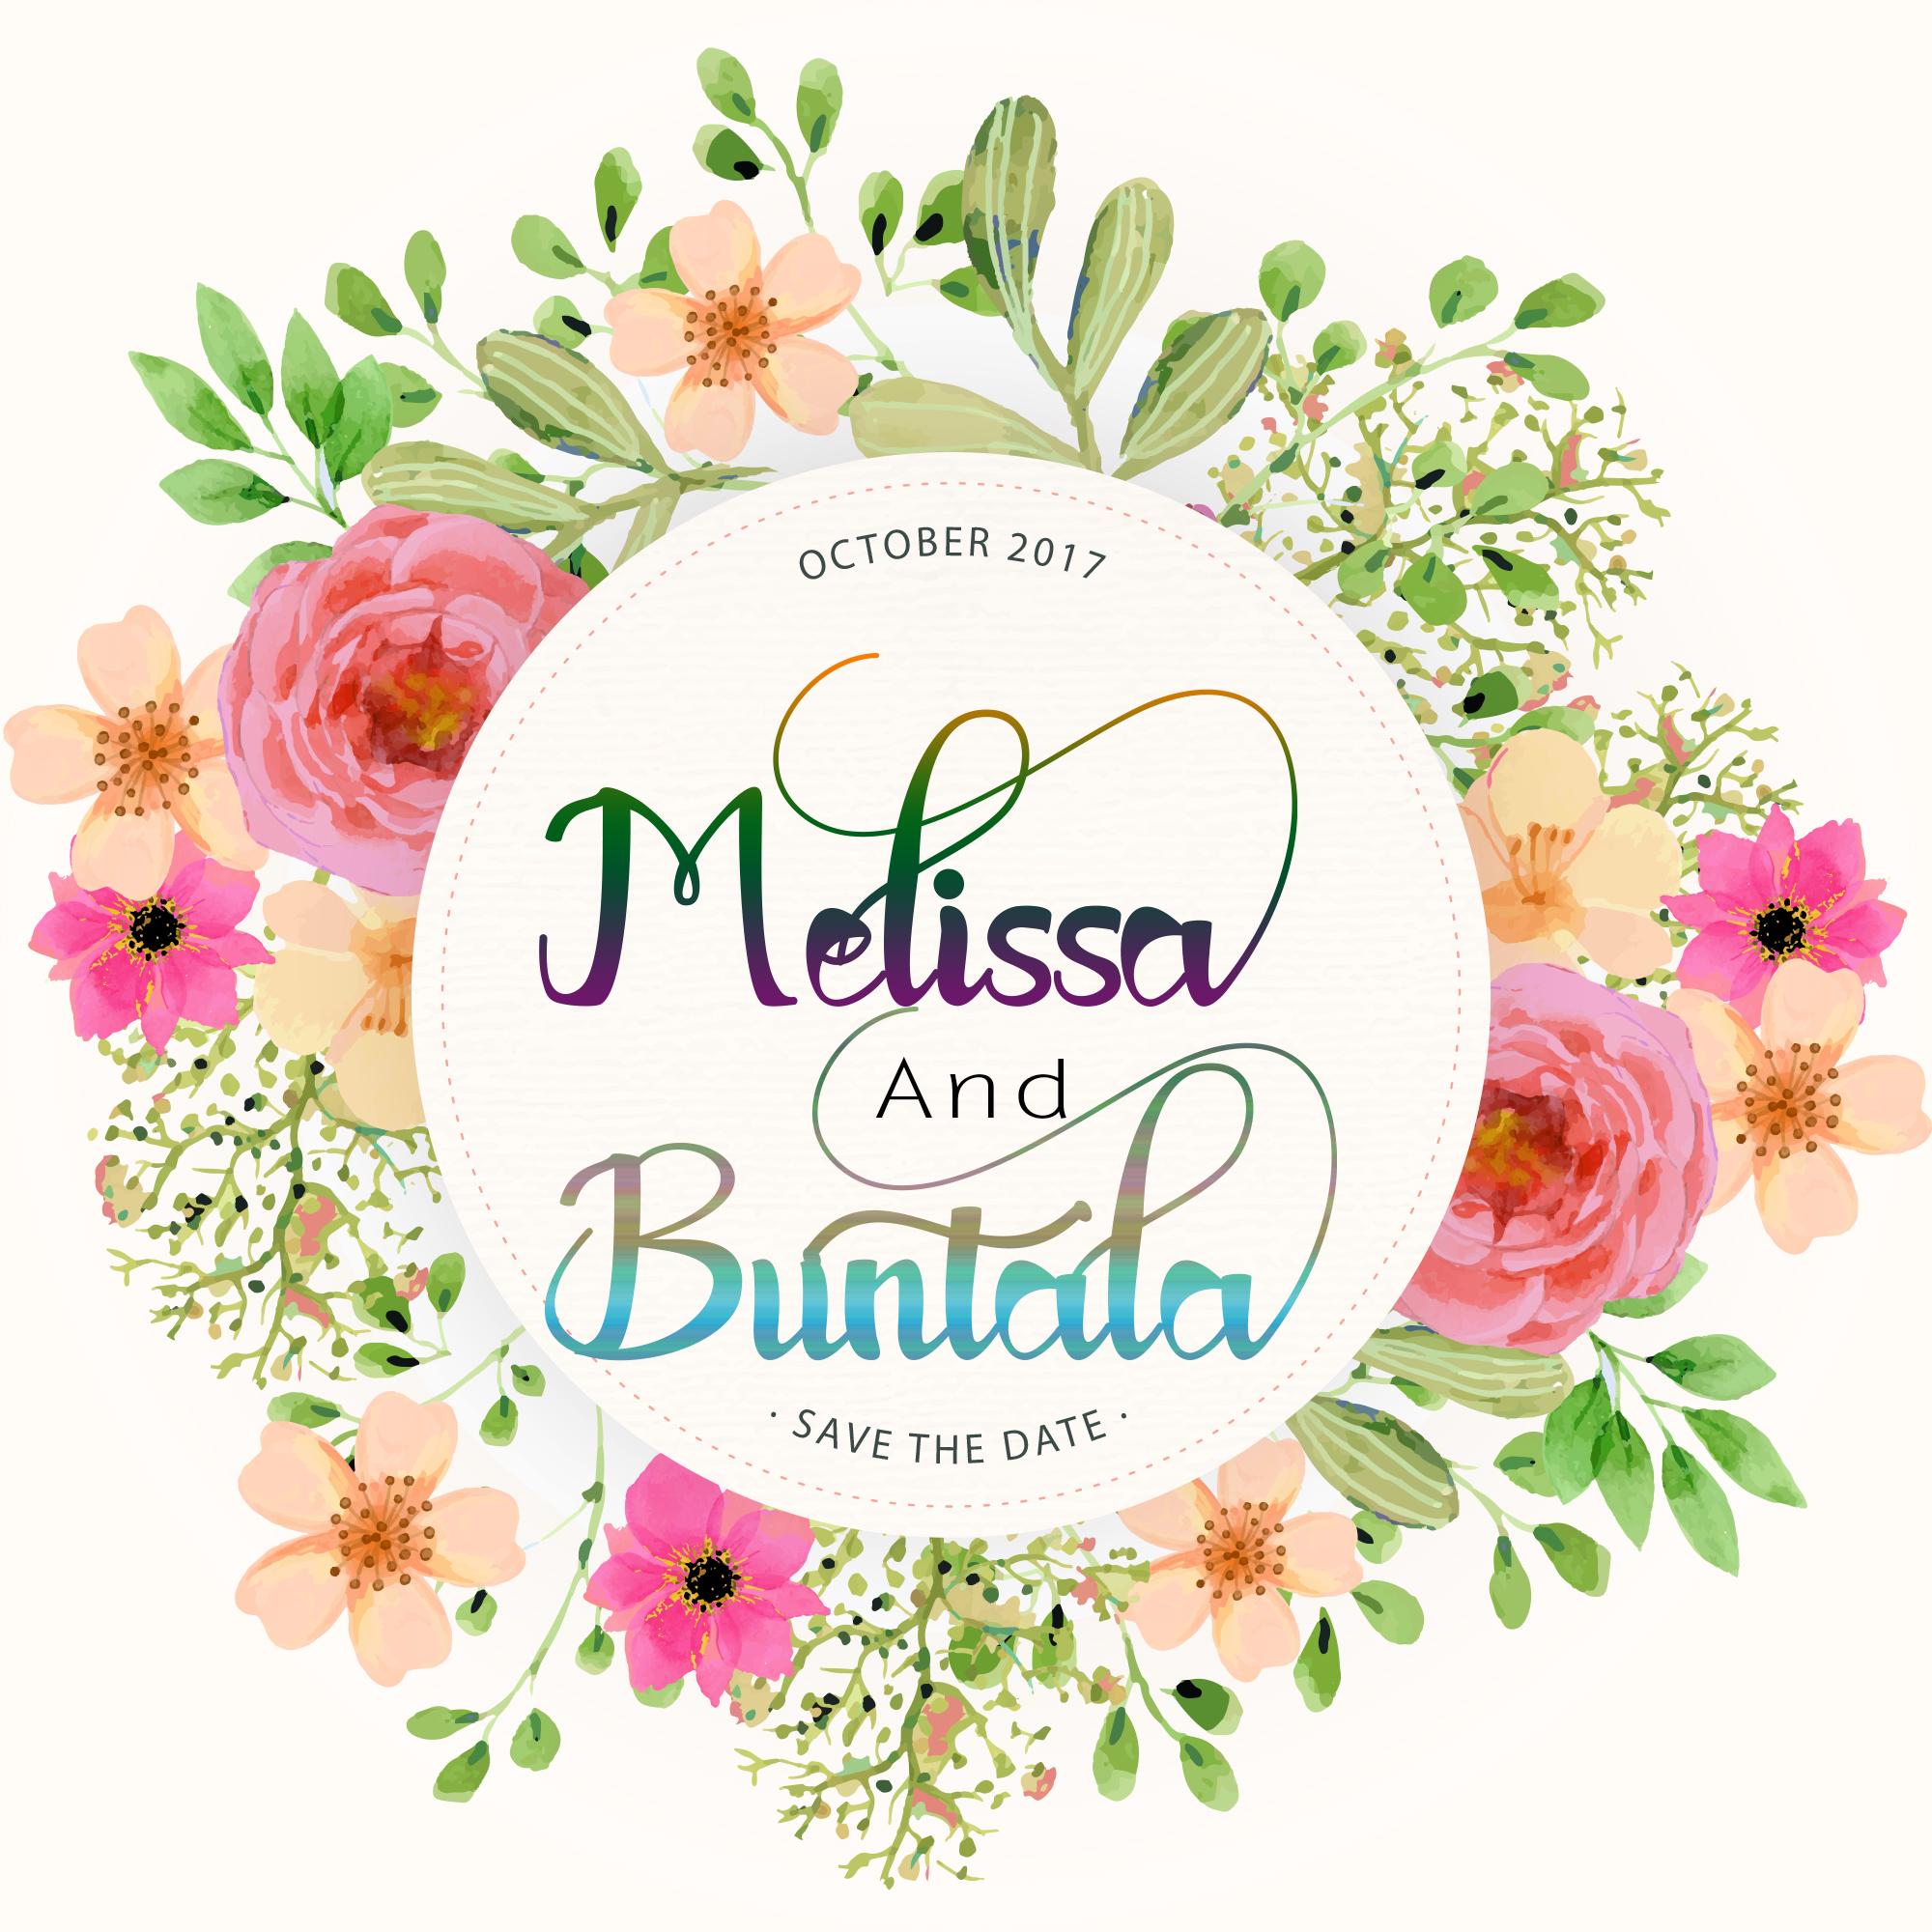 Buntala example image 2